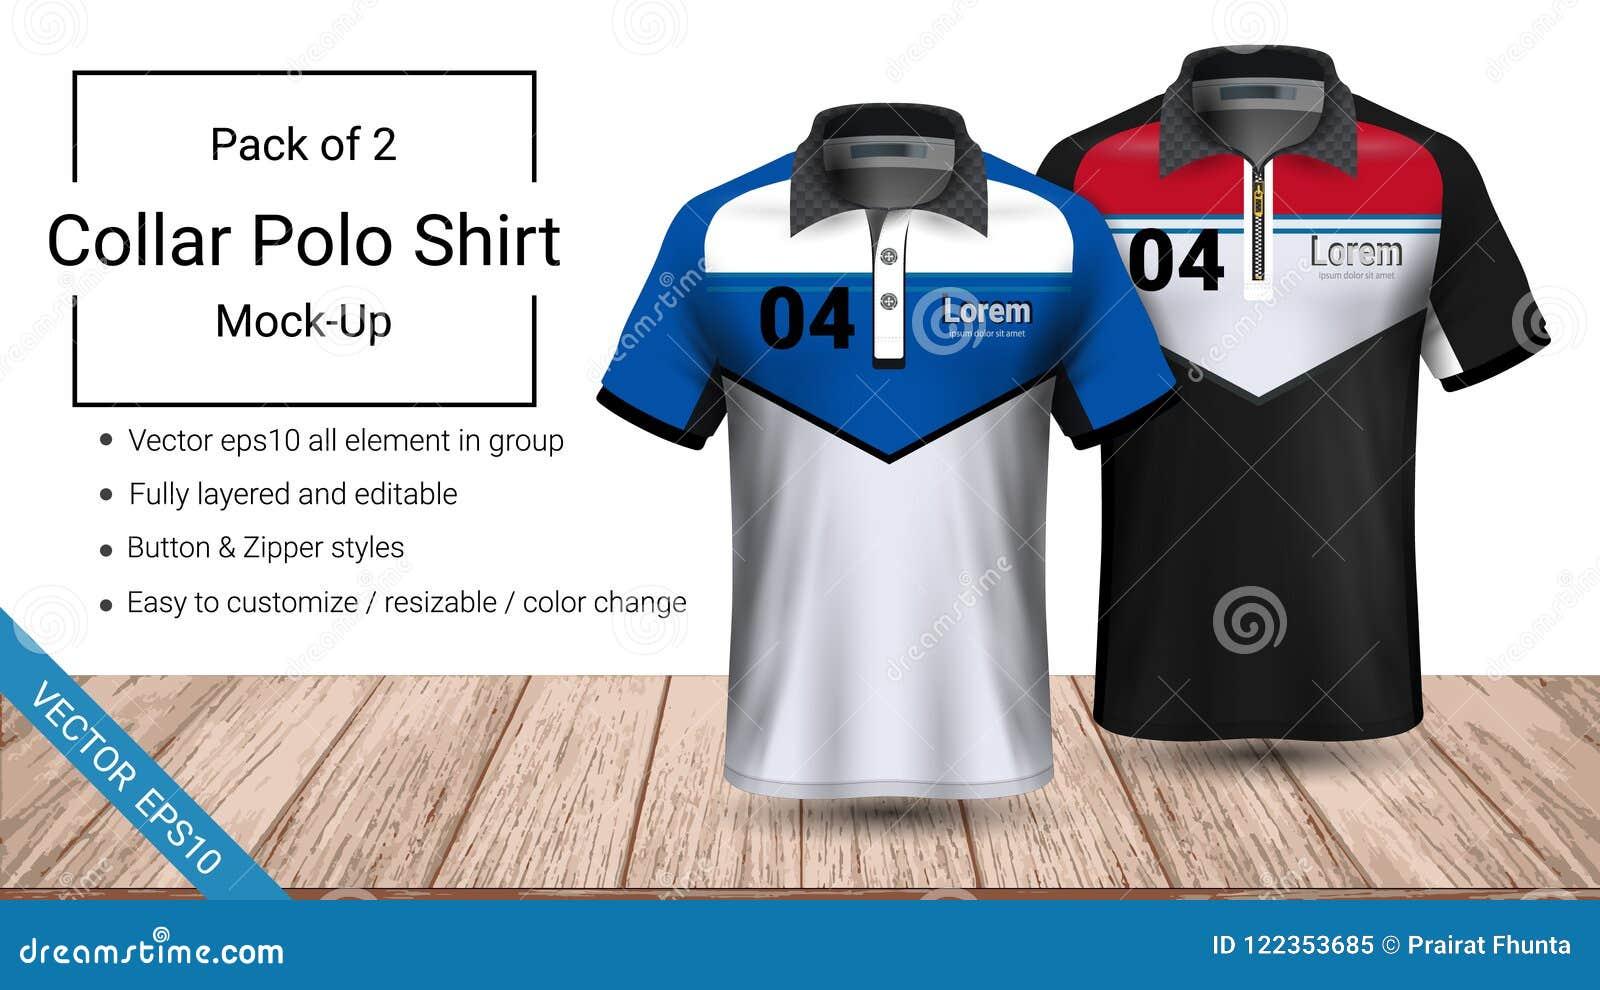 Volledig gelaagd de t-shirtmalplaatje van de polokraag, Vectoreps10-dossier en editable bereid geweest om het douaneontwerp te de